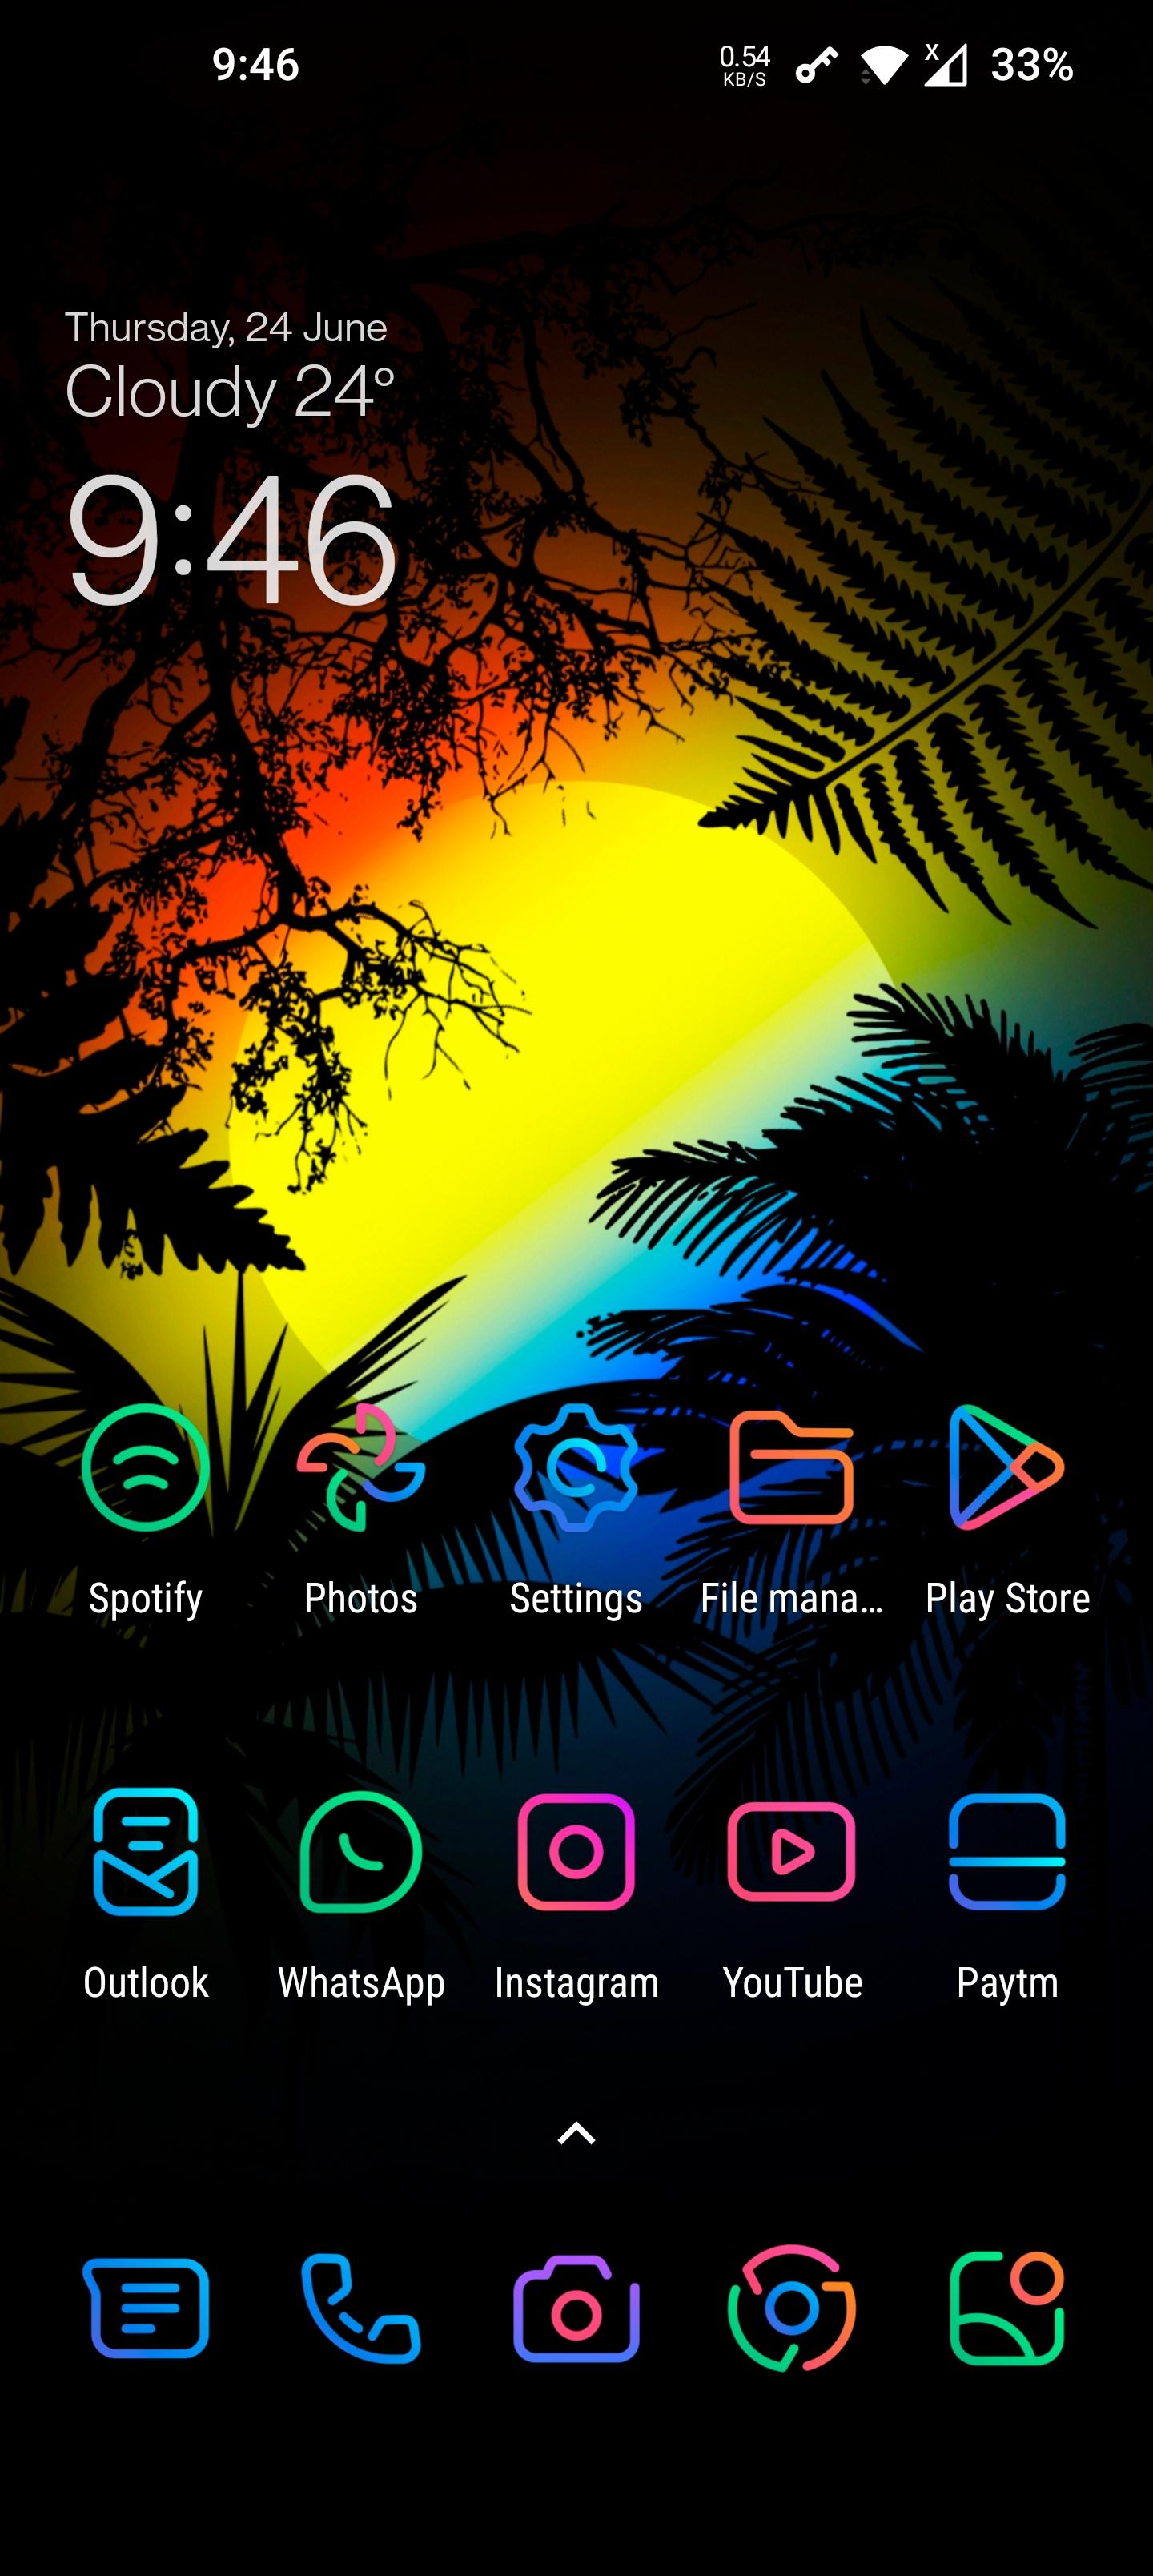 Screenshot_20210624-094638.jpg